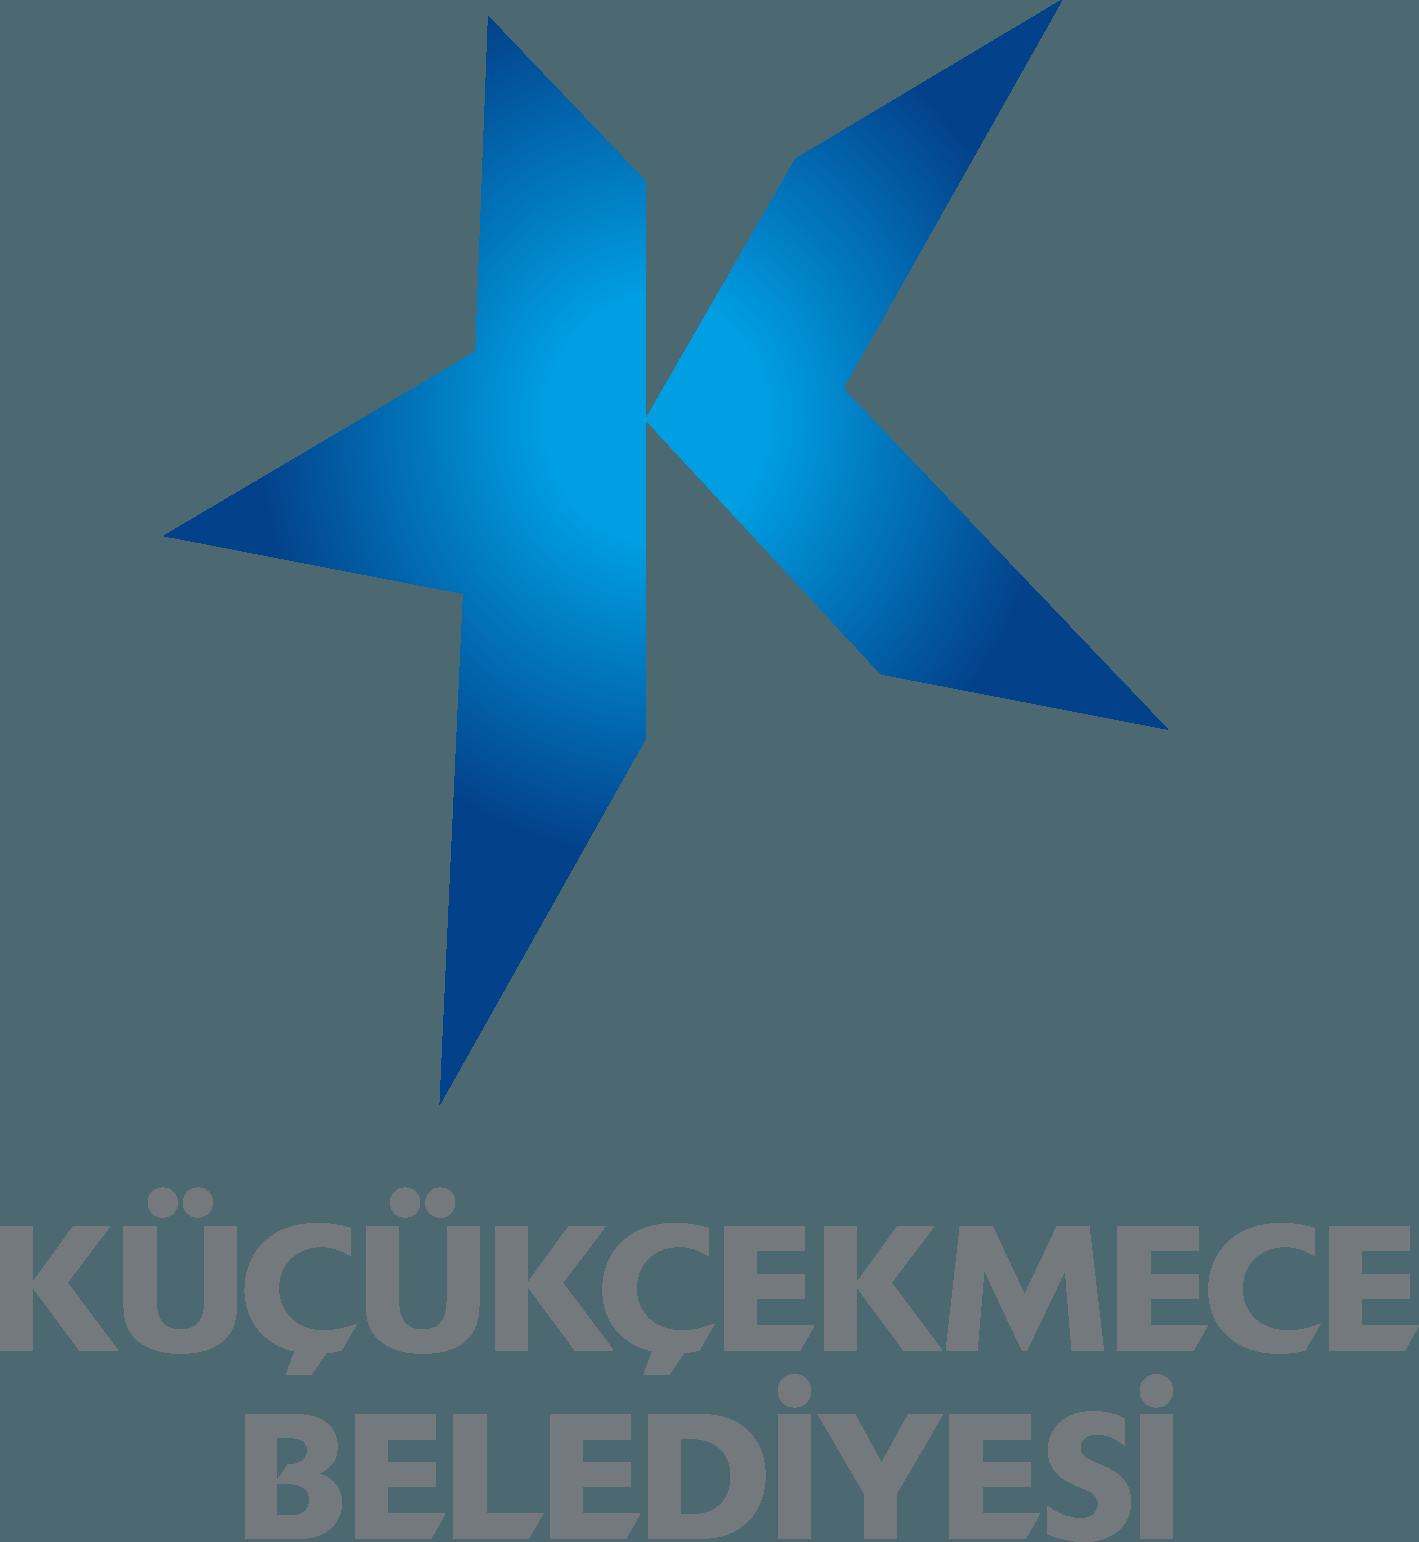 Küçükçekmece Belediyesi (İstanbul) Logo [kucukcekmece.bel.tr]